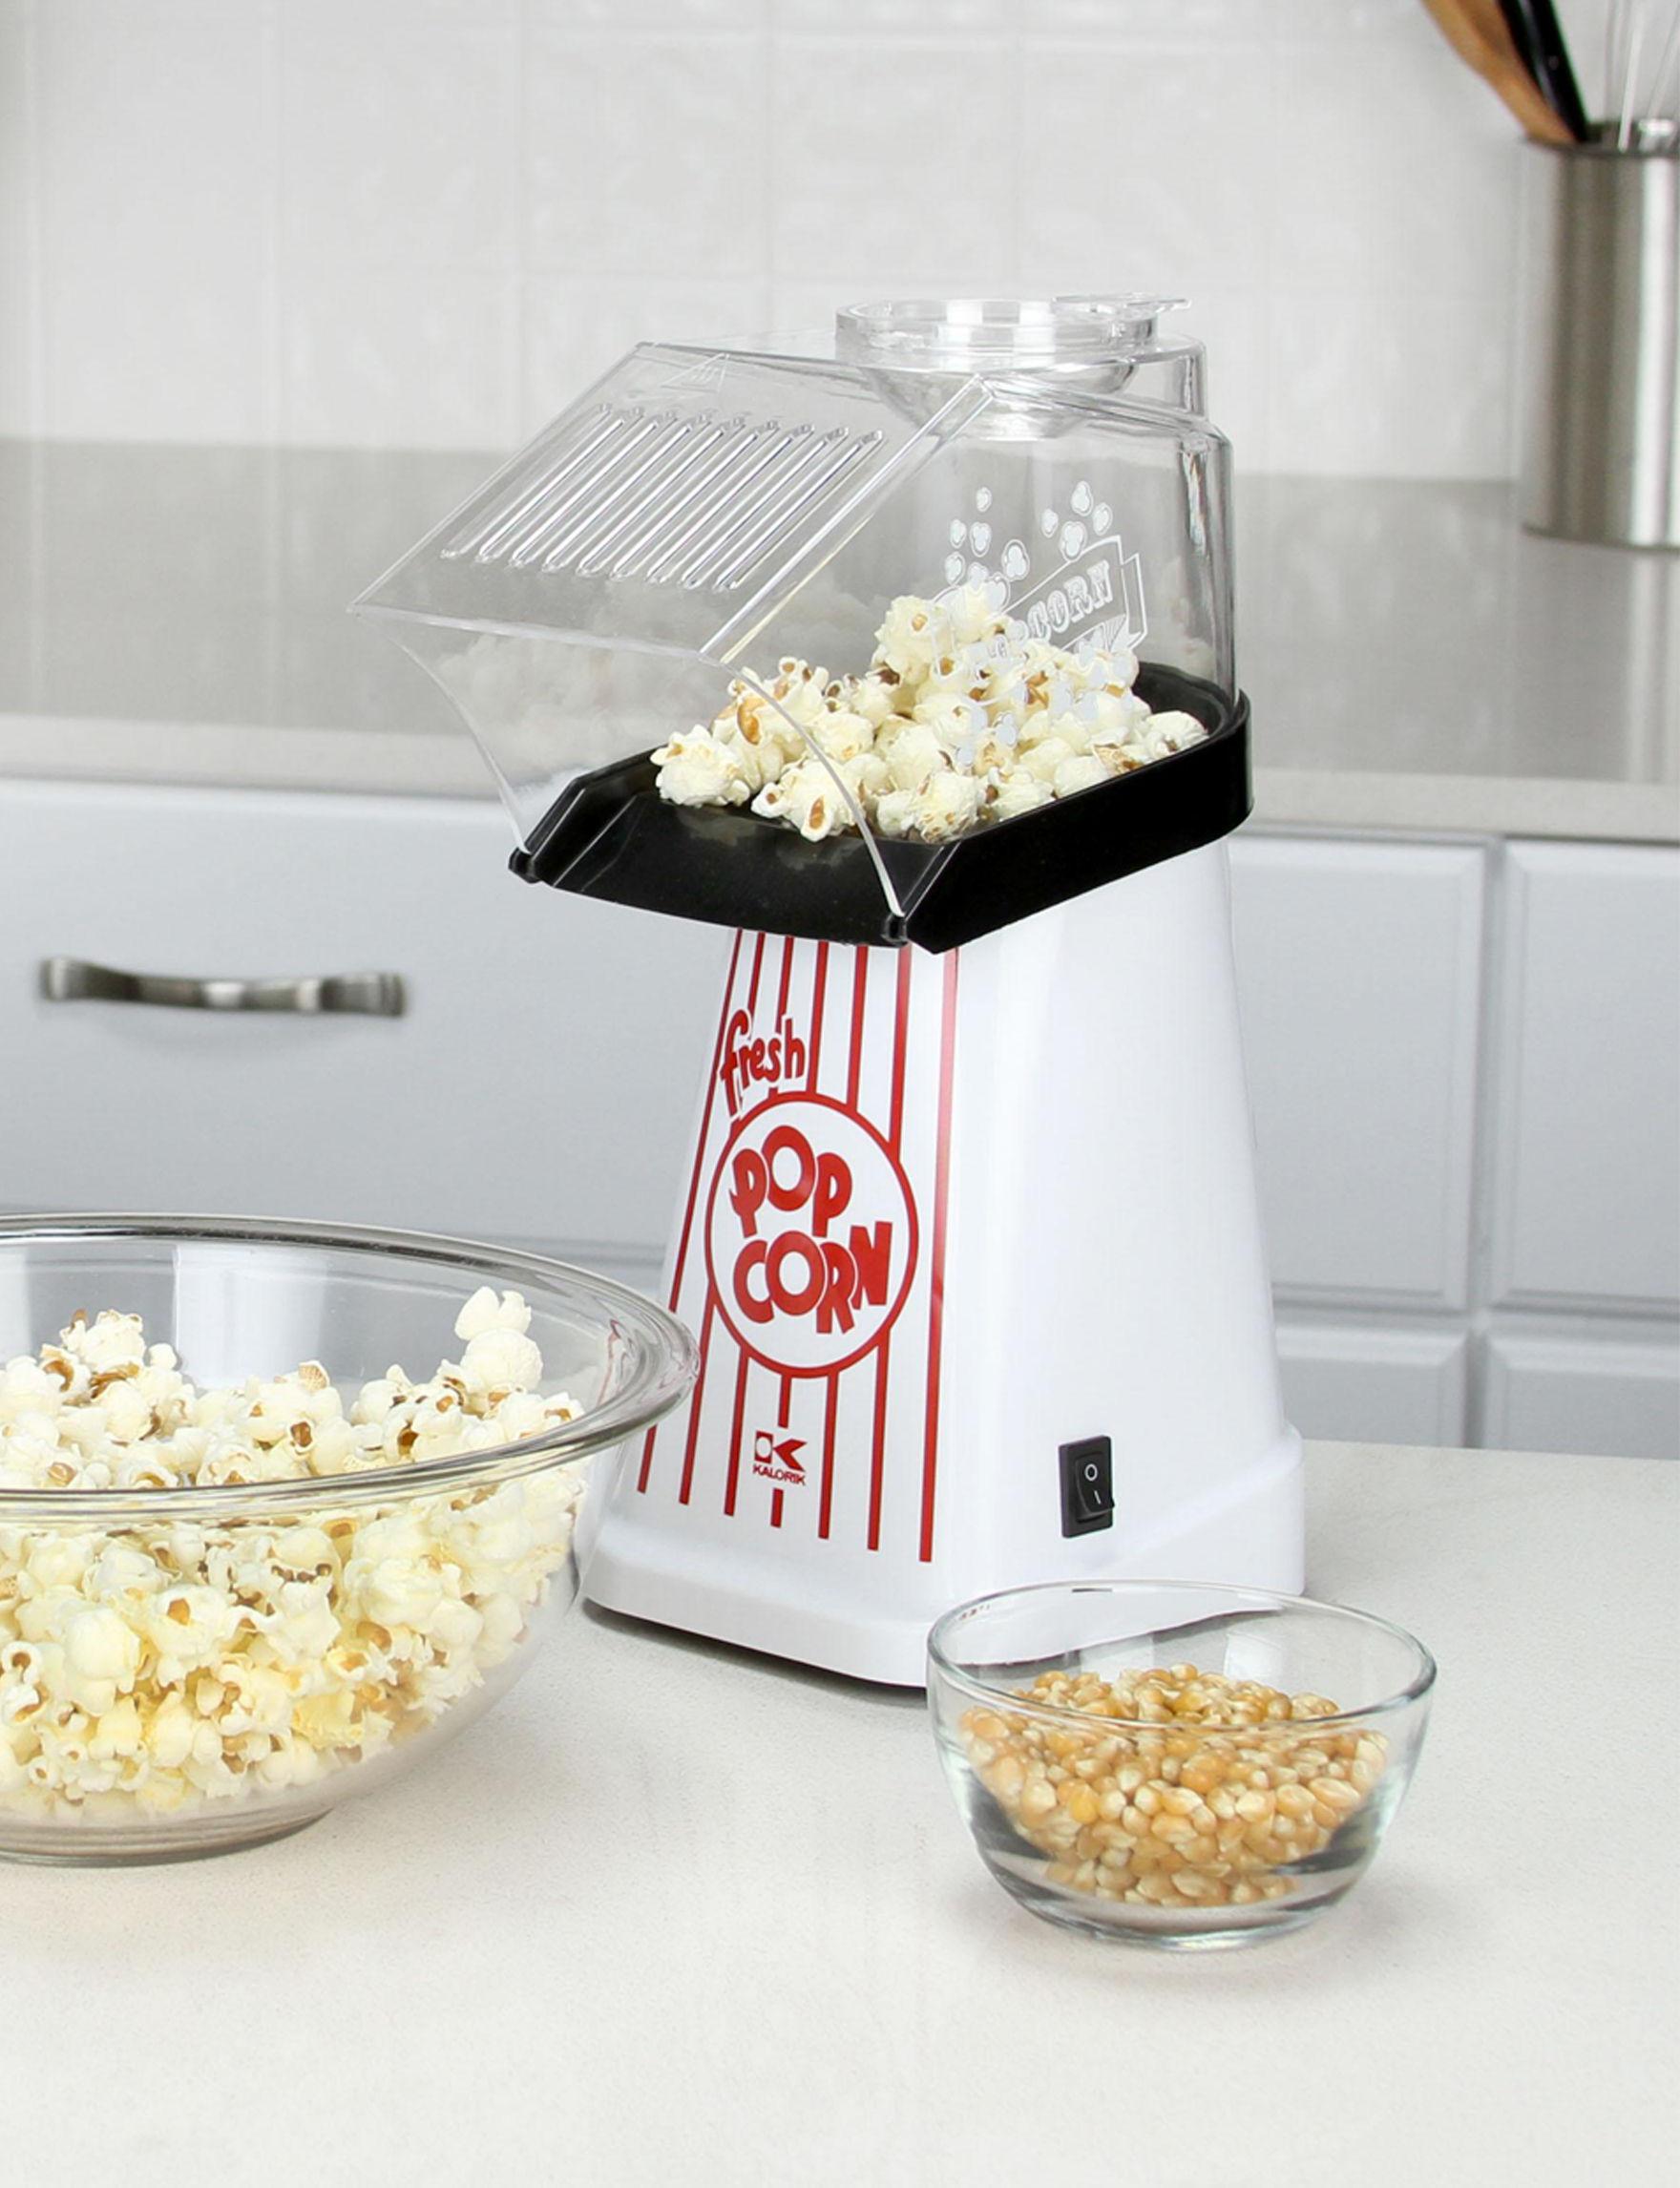 Kalorik White Specialty Food Makers Kitchen Appliances